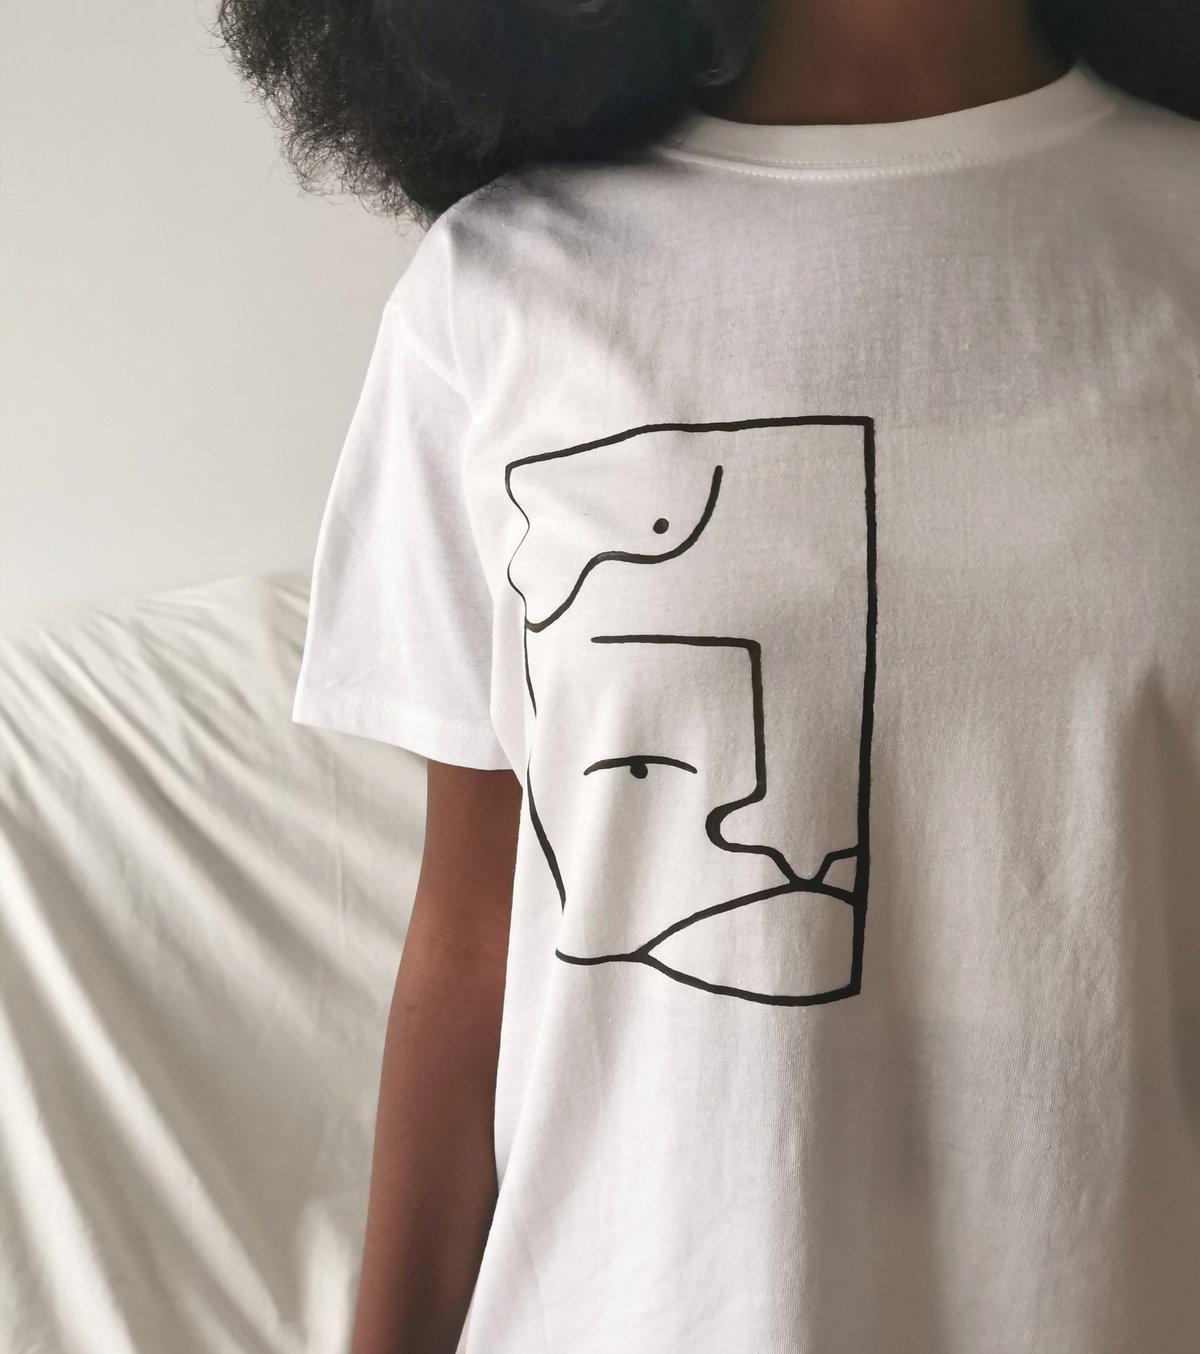 Image of white AJ Tshirt